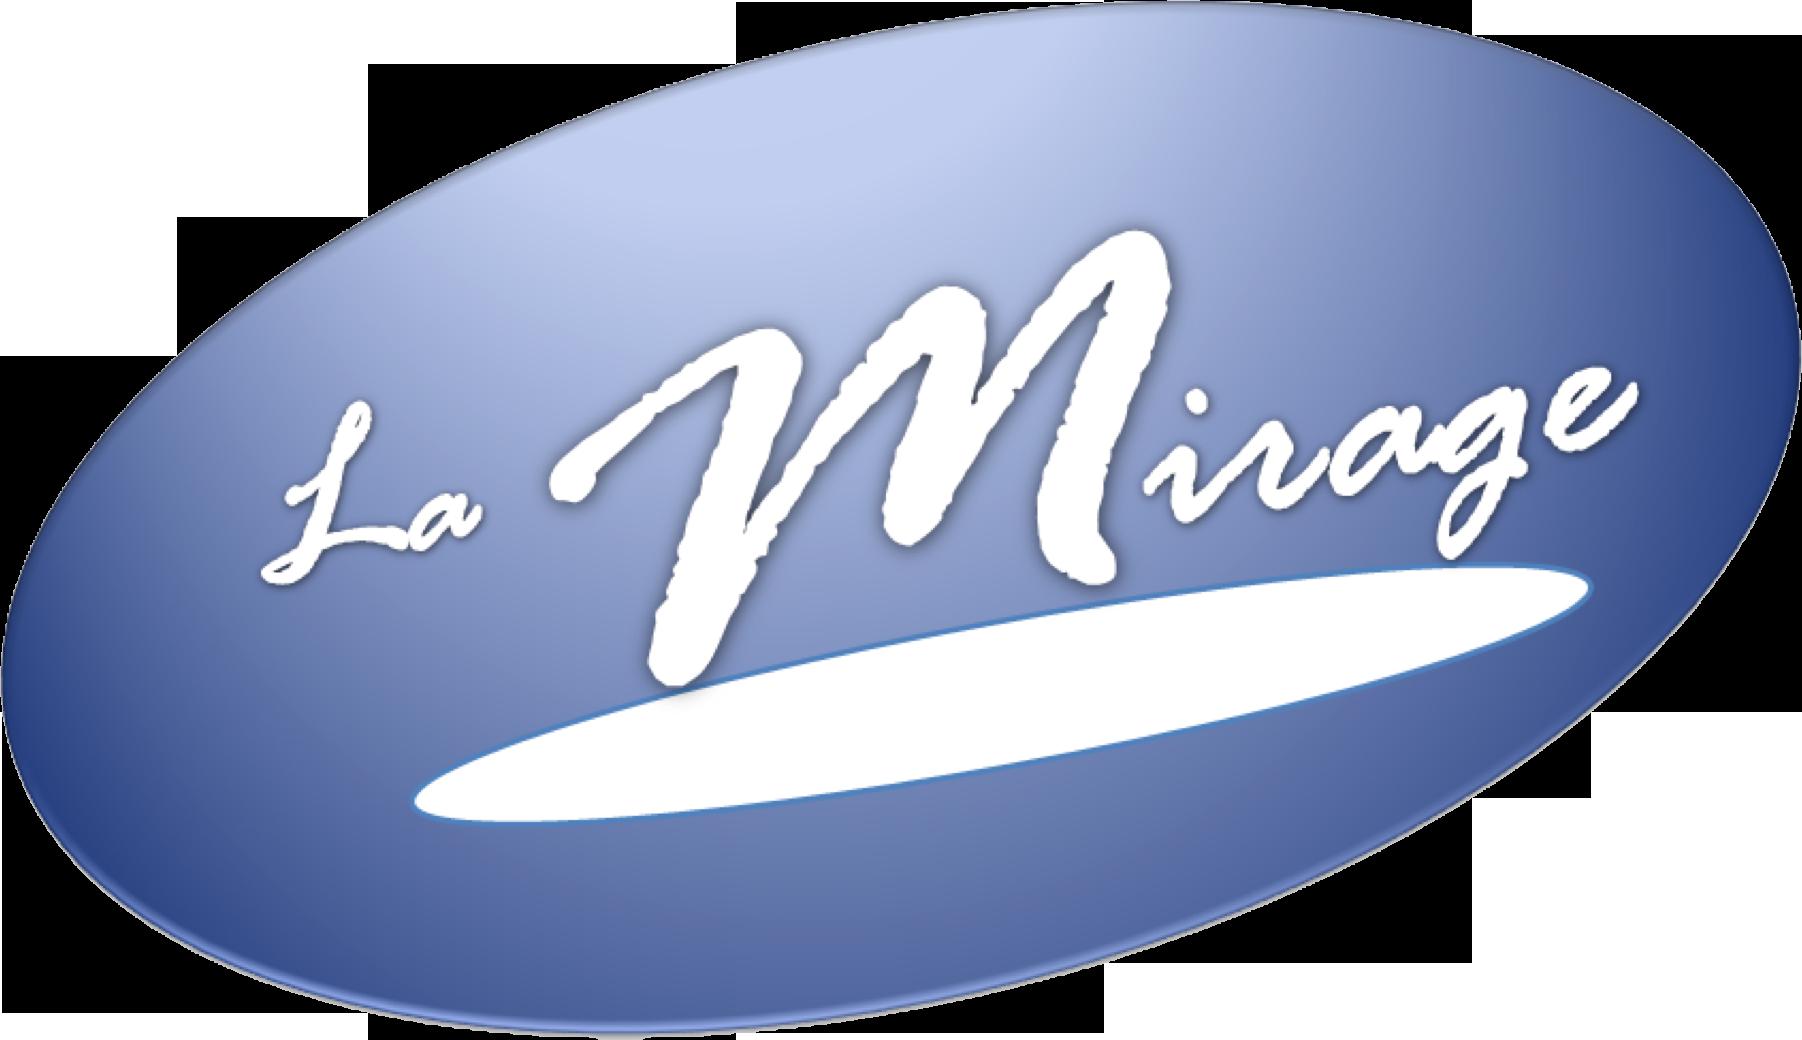 La Mirage Swingers